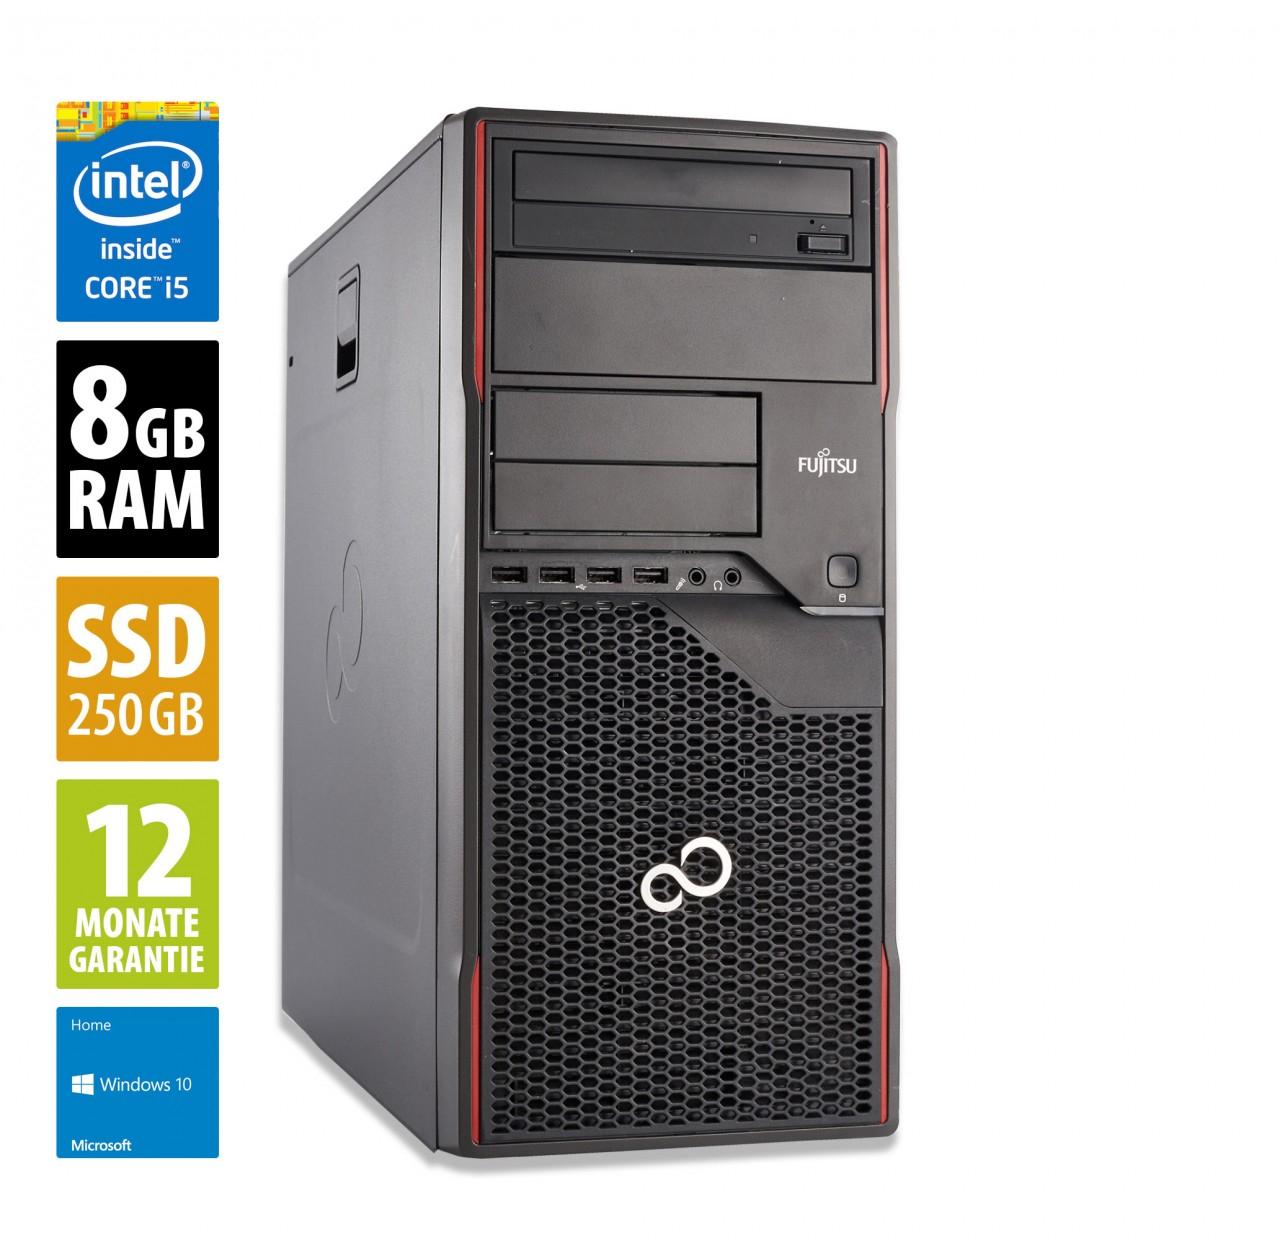 Tour PC Fujitsu Esprimo P910 MT - Core i5-3570 (3,4 GHz), 8 GoRAM, 250 Go SSD, Lecteur DVD-RW , Windows 10 (Reconditionné) - afbshop.de